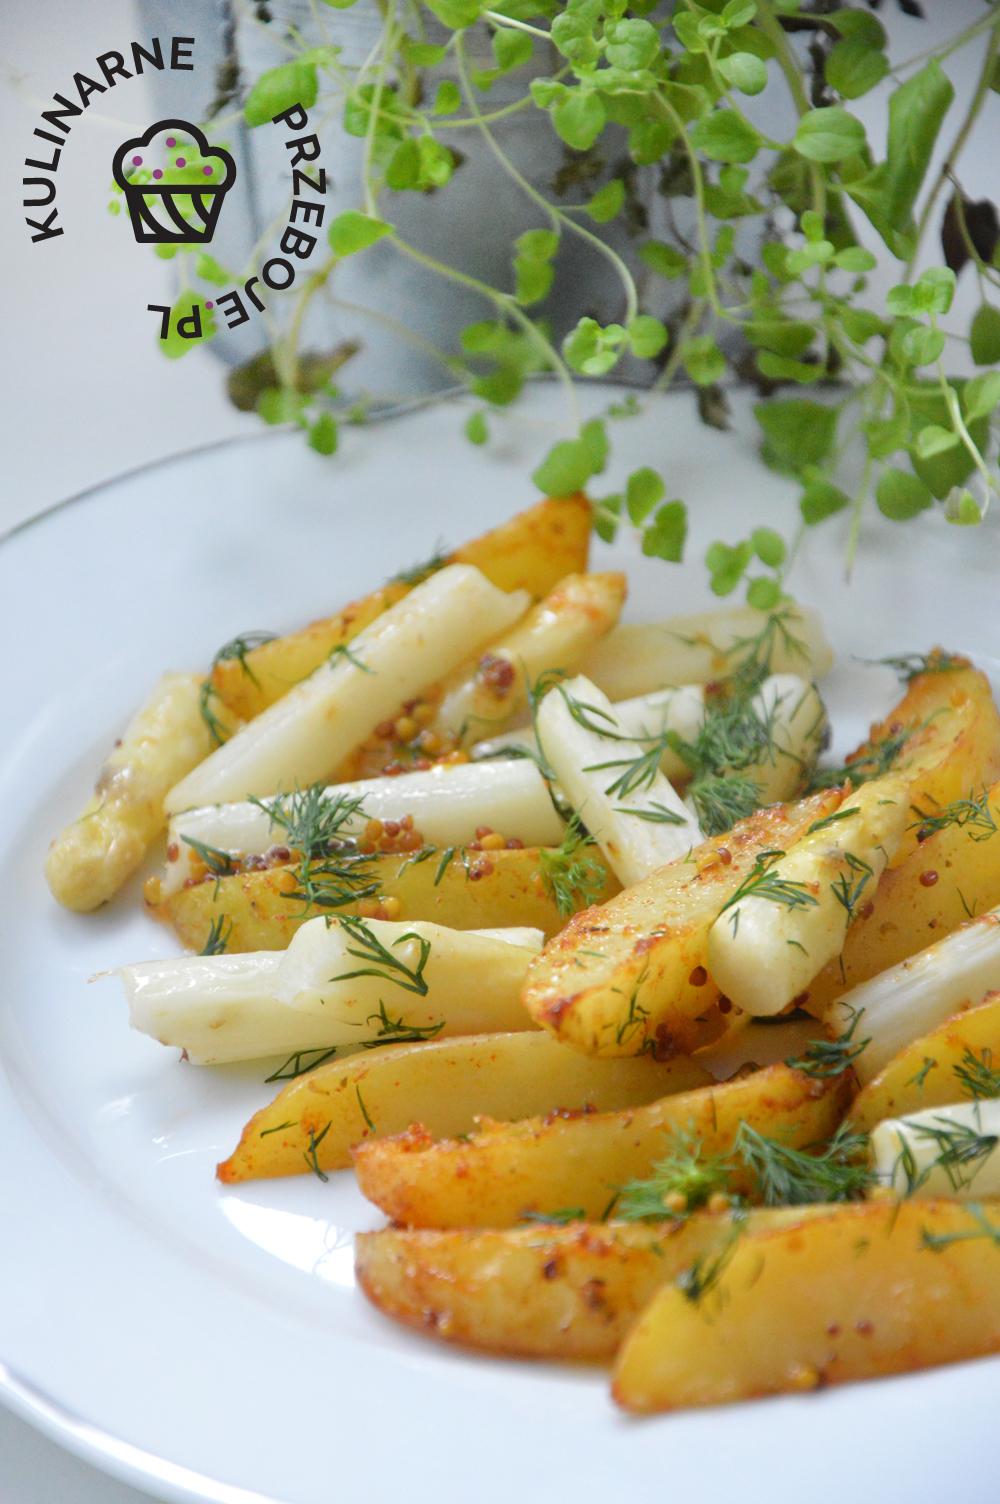 szparagi pieczone z młodymi ziemniakami